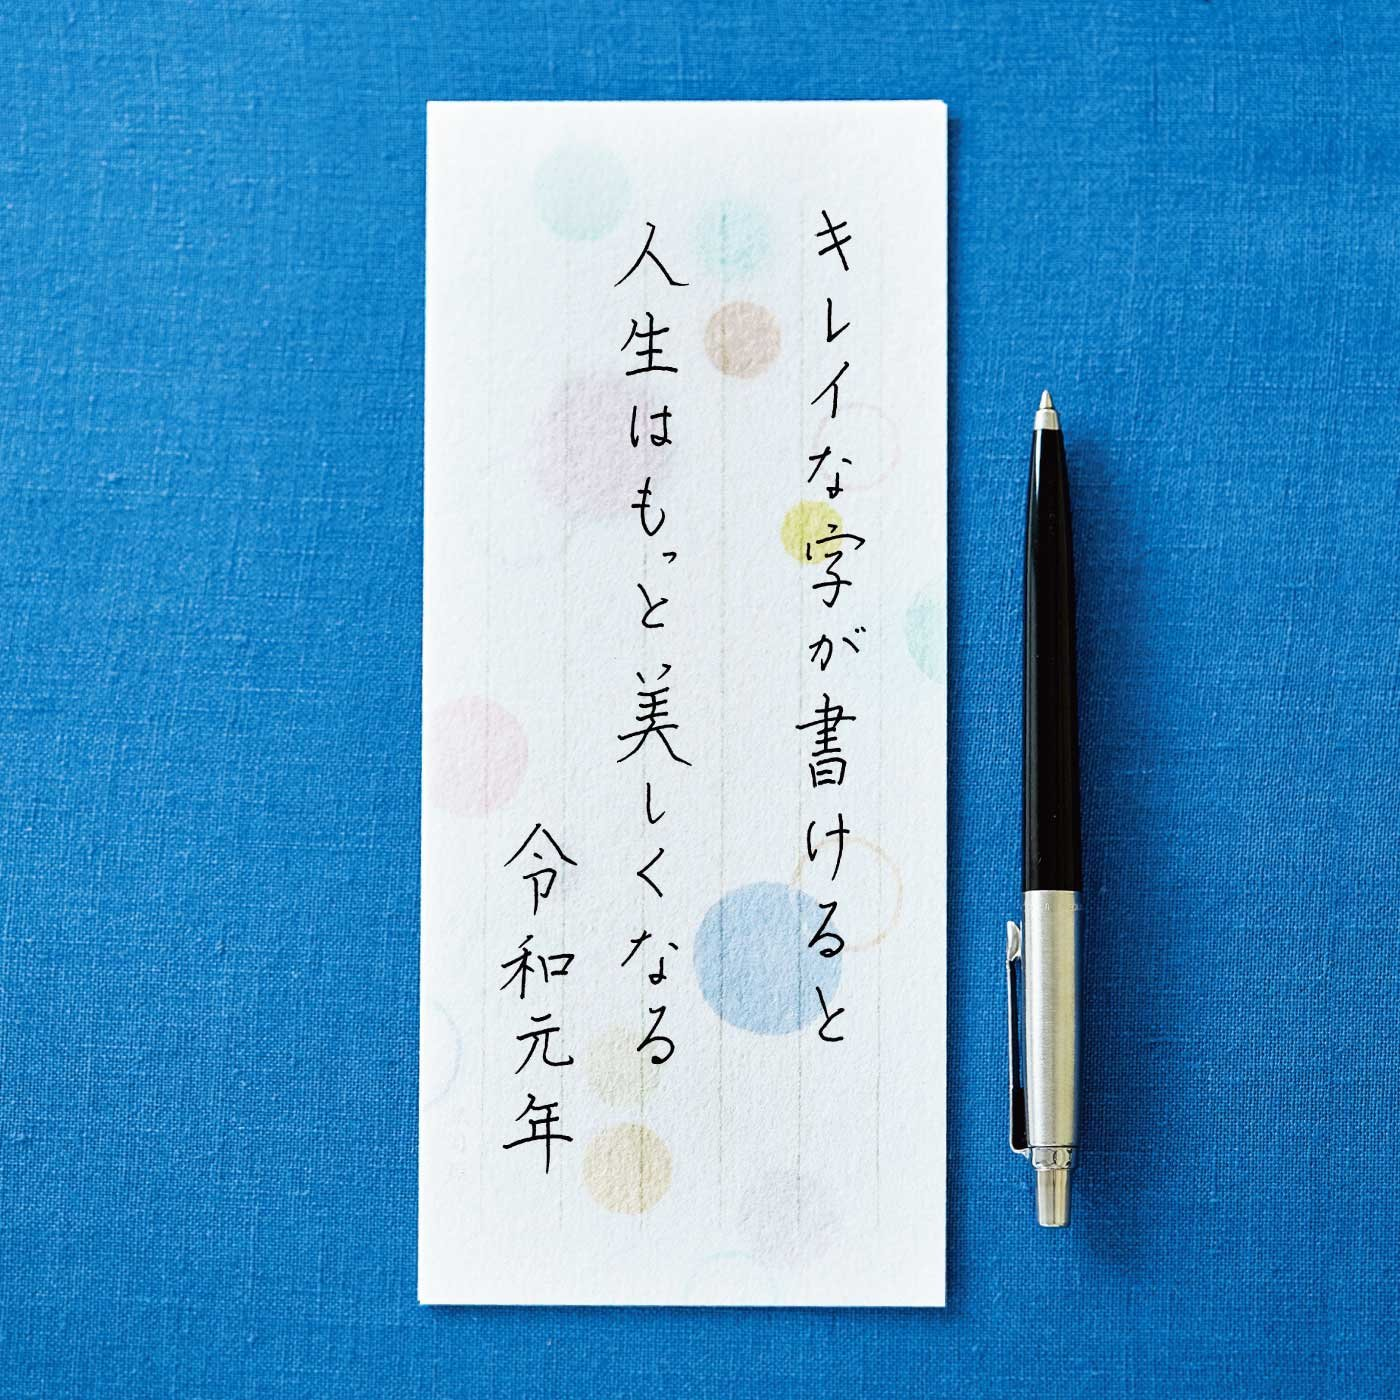 18のコツを身につければ字がぐんとうまくなる きれいな文字はあなたを変える!美文字レッスンプログラム[6回予約プログラム]